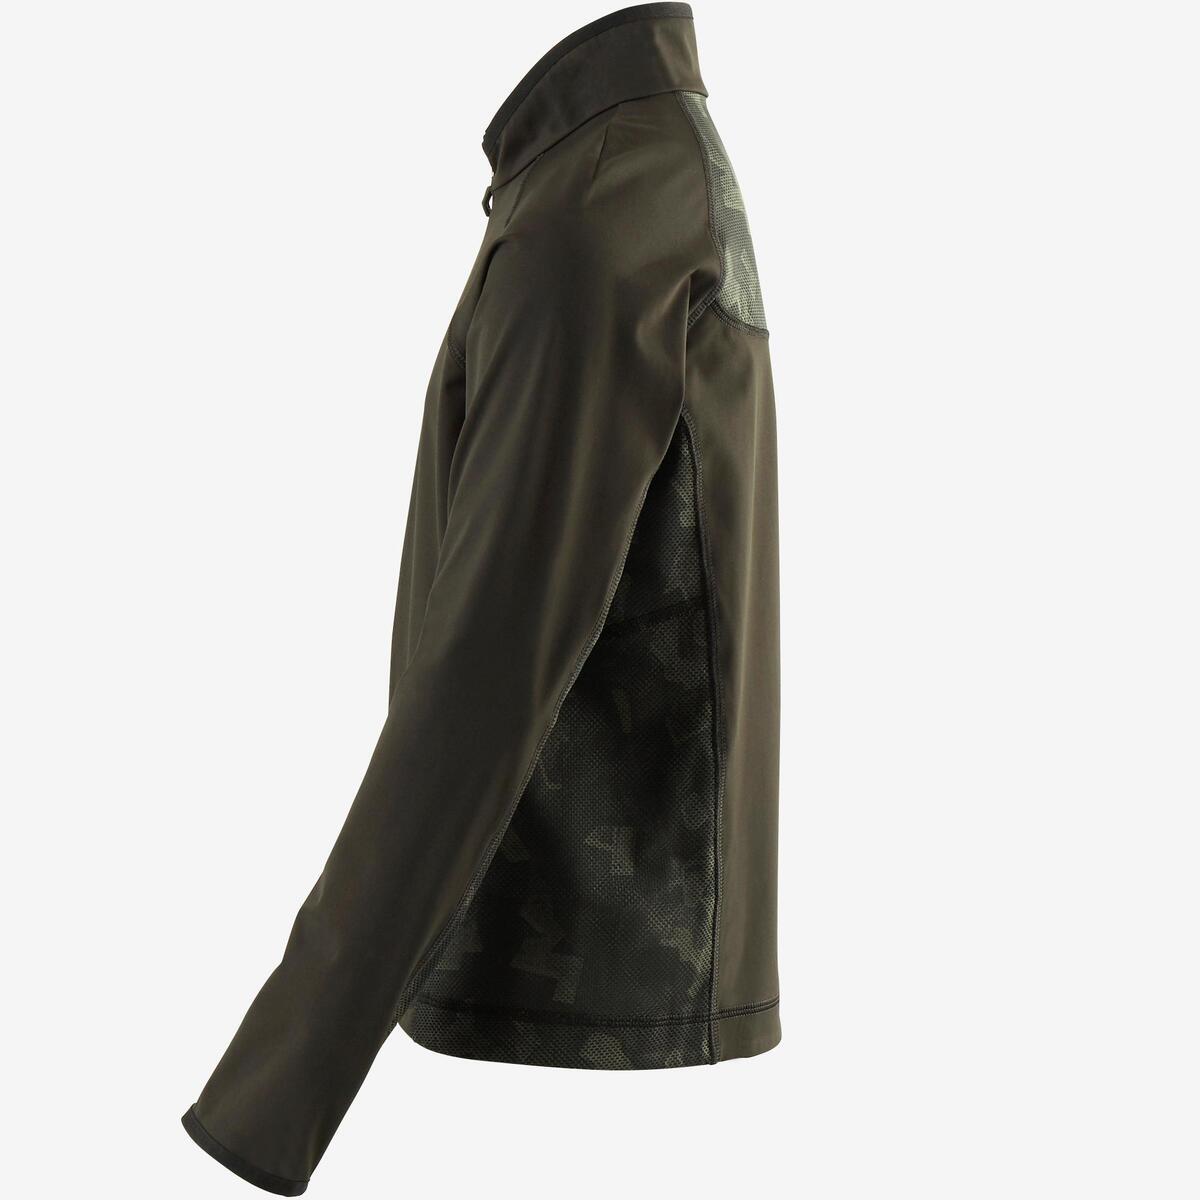 Bild 4 von Trainingsjacke leicht atmungsaktiv S900 Gym Kinder schwarz/kaki